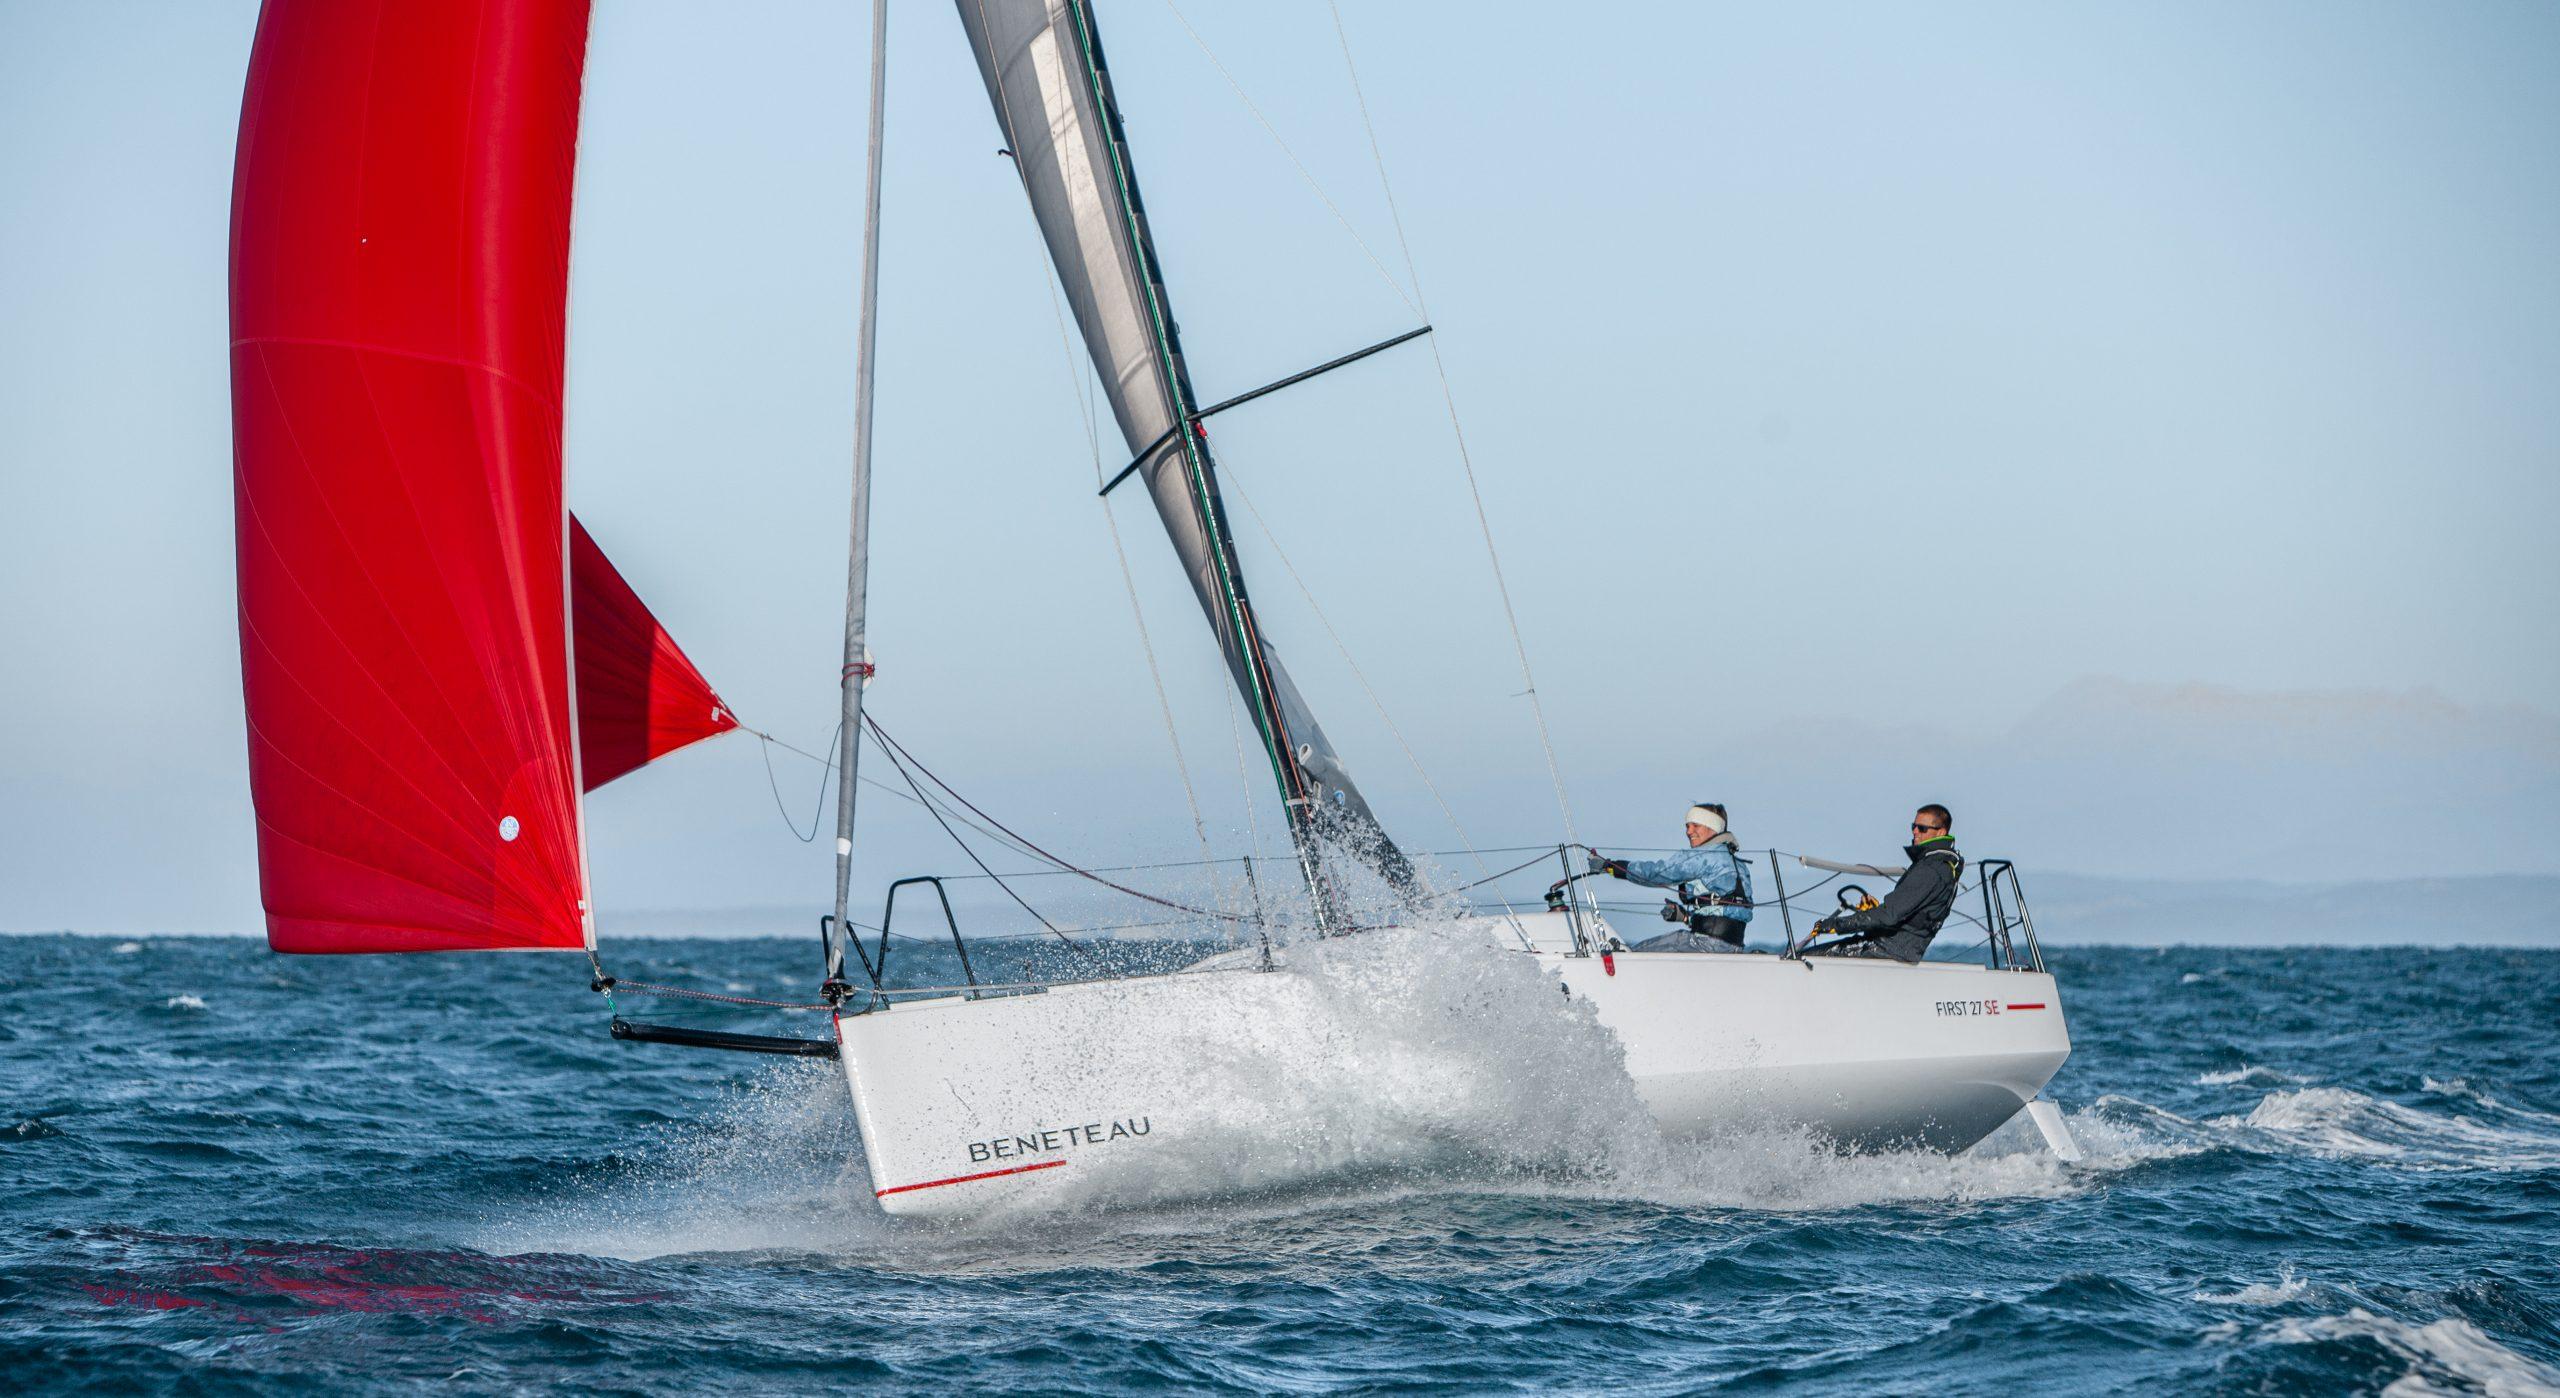 Beneteau-purjeveneiden maahantuoja povaa voimakasta kasvua urheilullisten retkiveneiden myyntiin. Yksittäiskappaleita ja First-malliston pienempiä veneitä on saatavissa vielä tulevaksi kesäksi